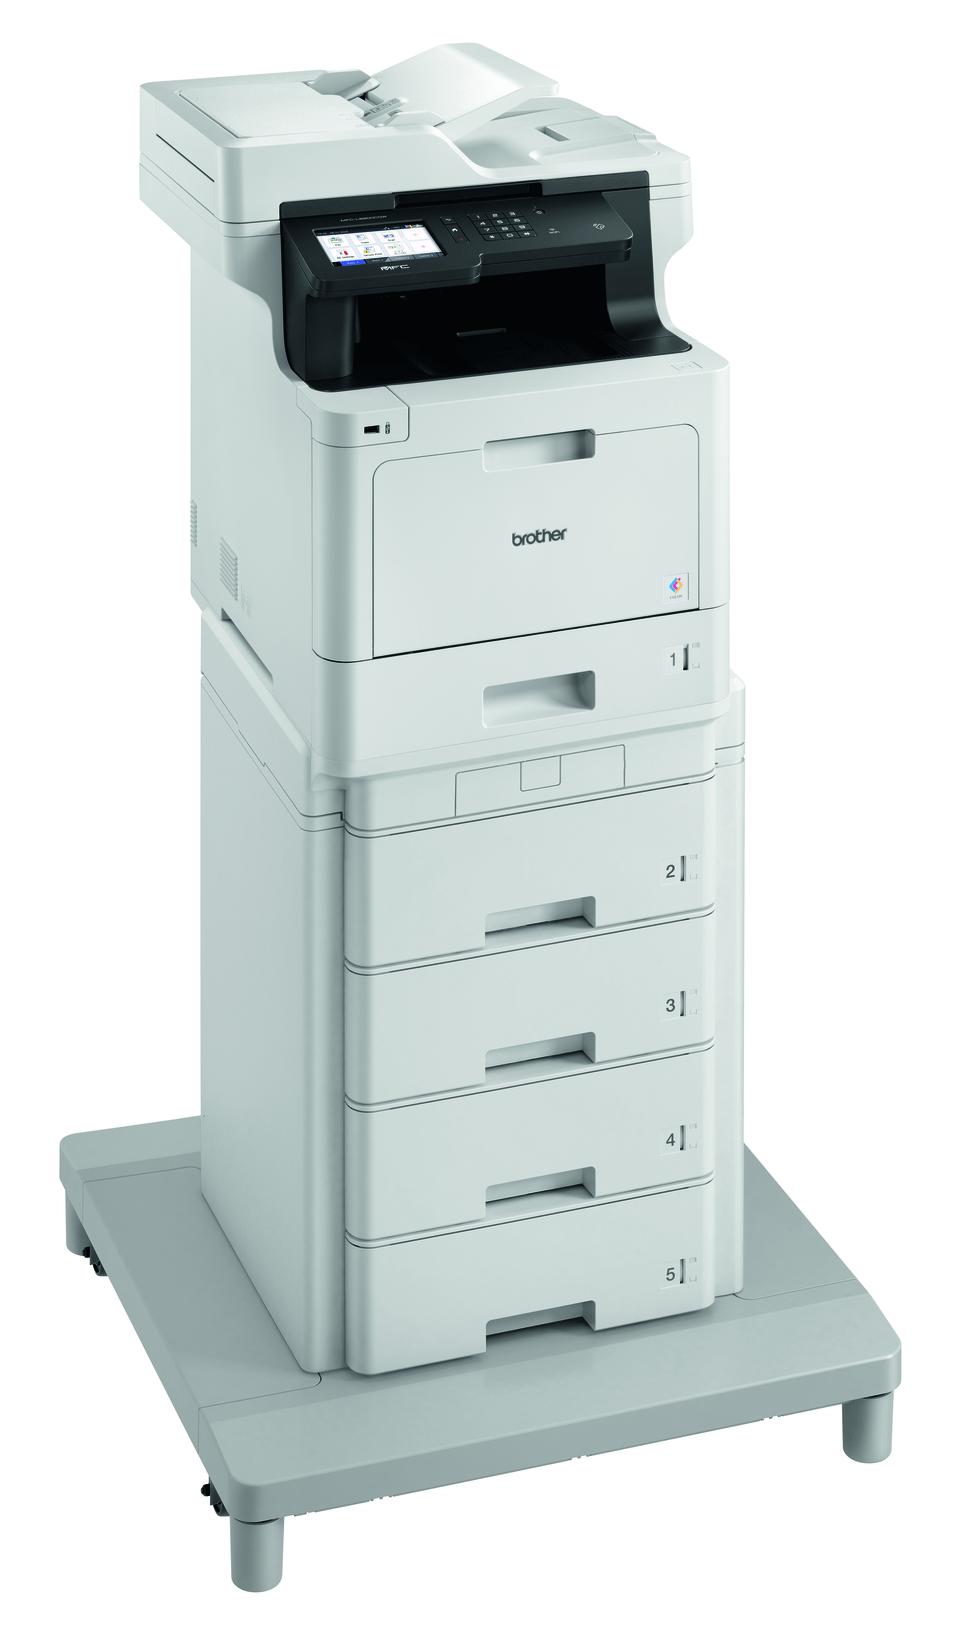 Brother MFC-L8900CDWMT spausdintuvas su bokštiniu dėklu  3